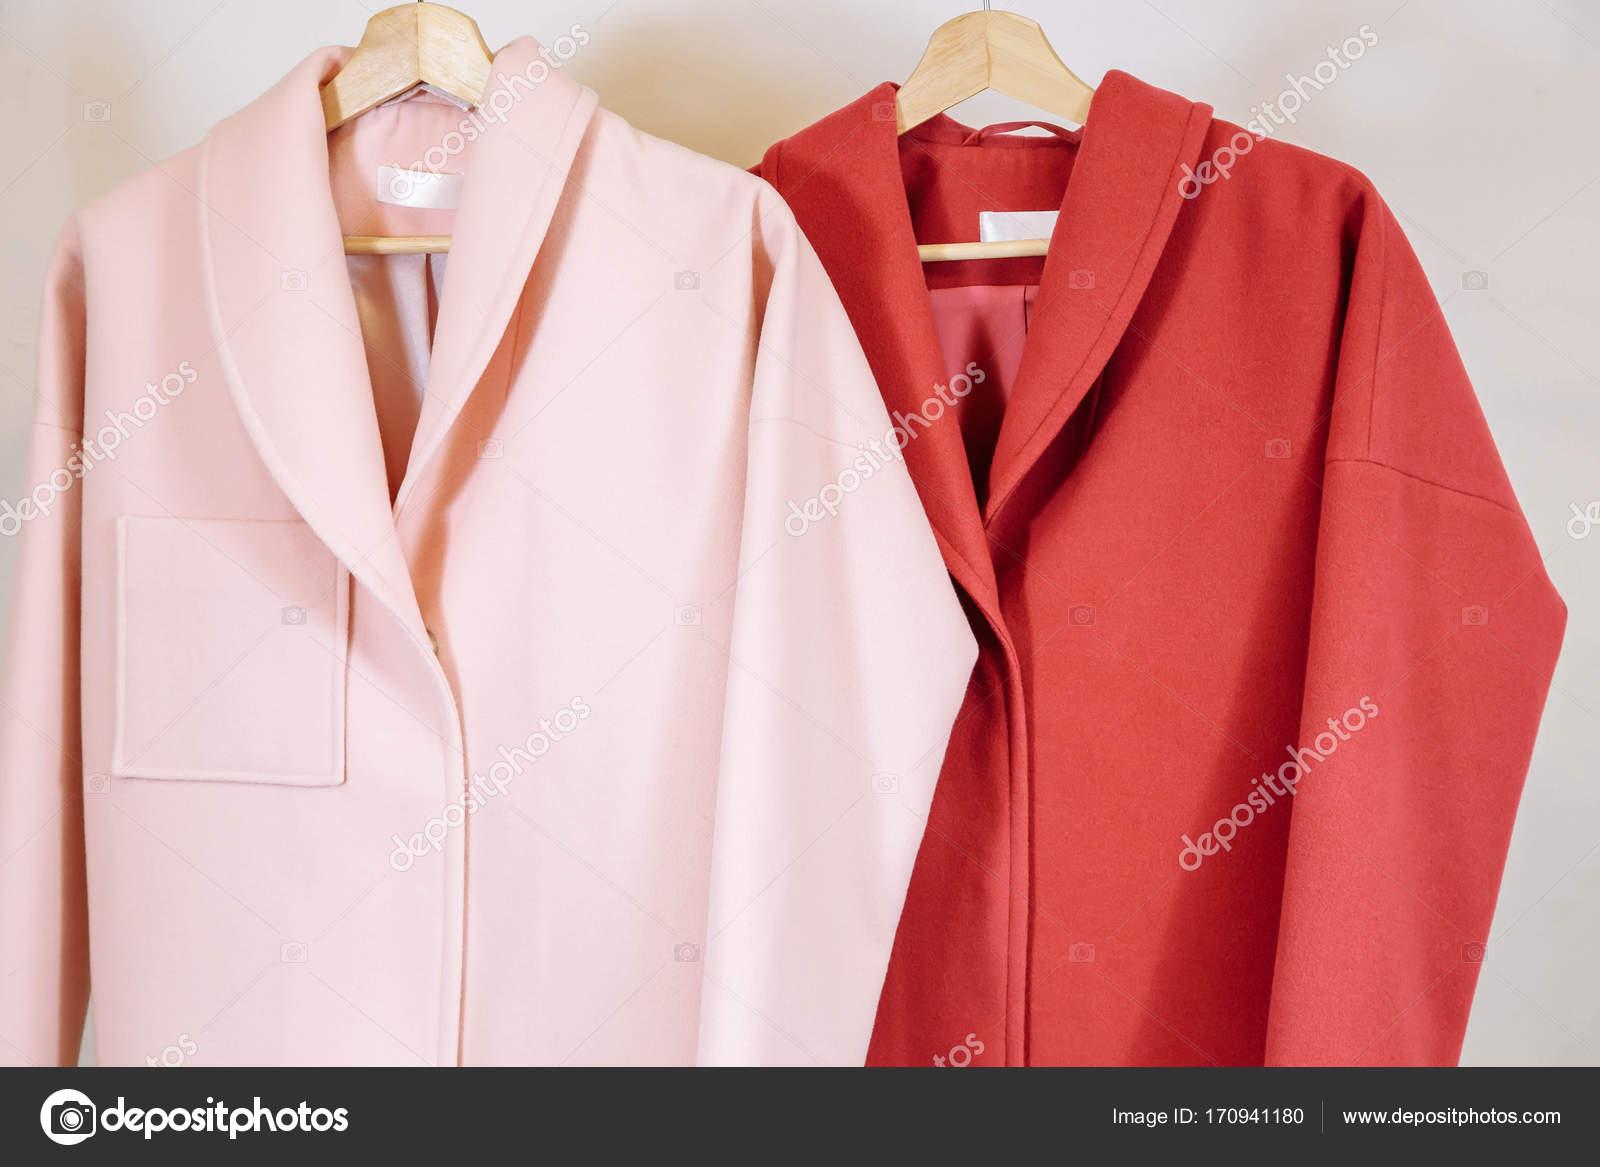 c3656c5ba1d8 Η επιλογή της μόδας παλτά στις κρεμάστρες στο κατάστημα — Φωτογραφία ...